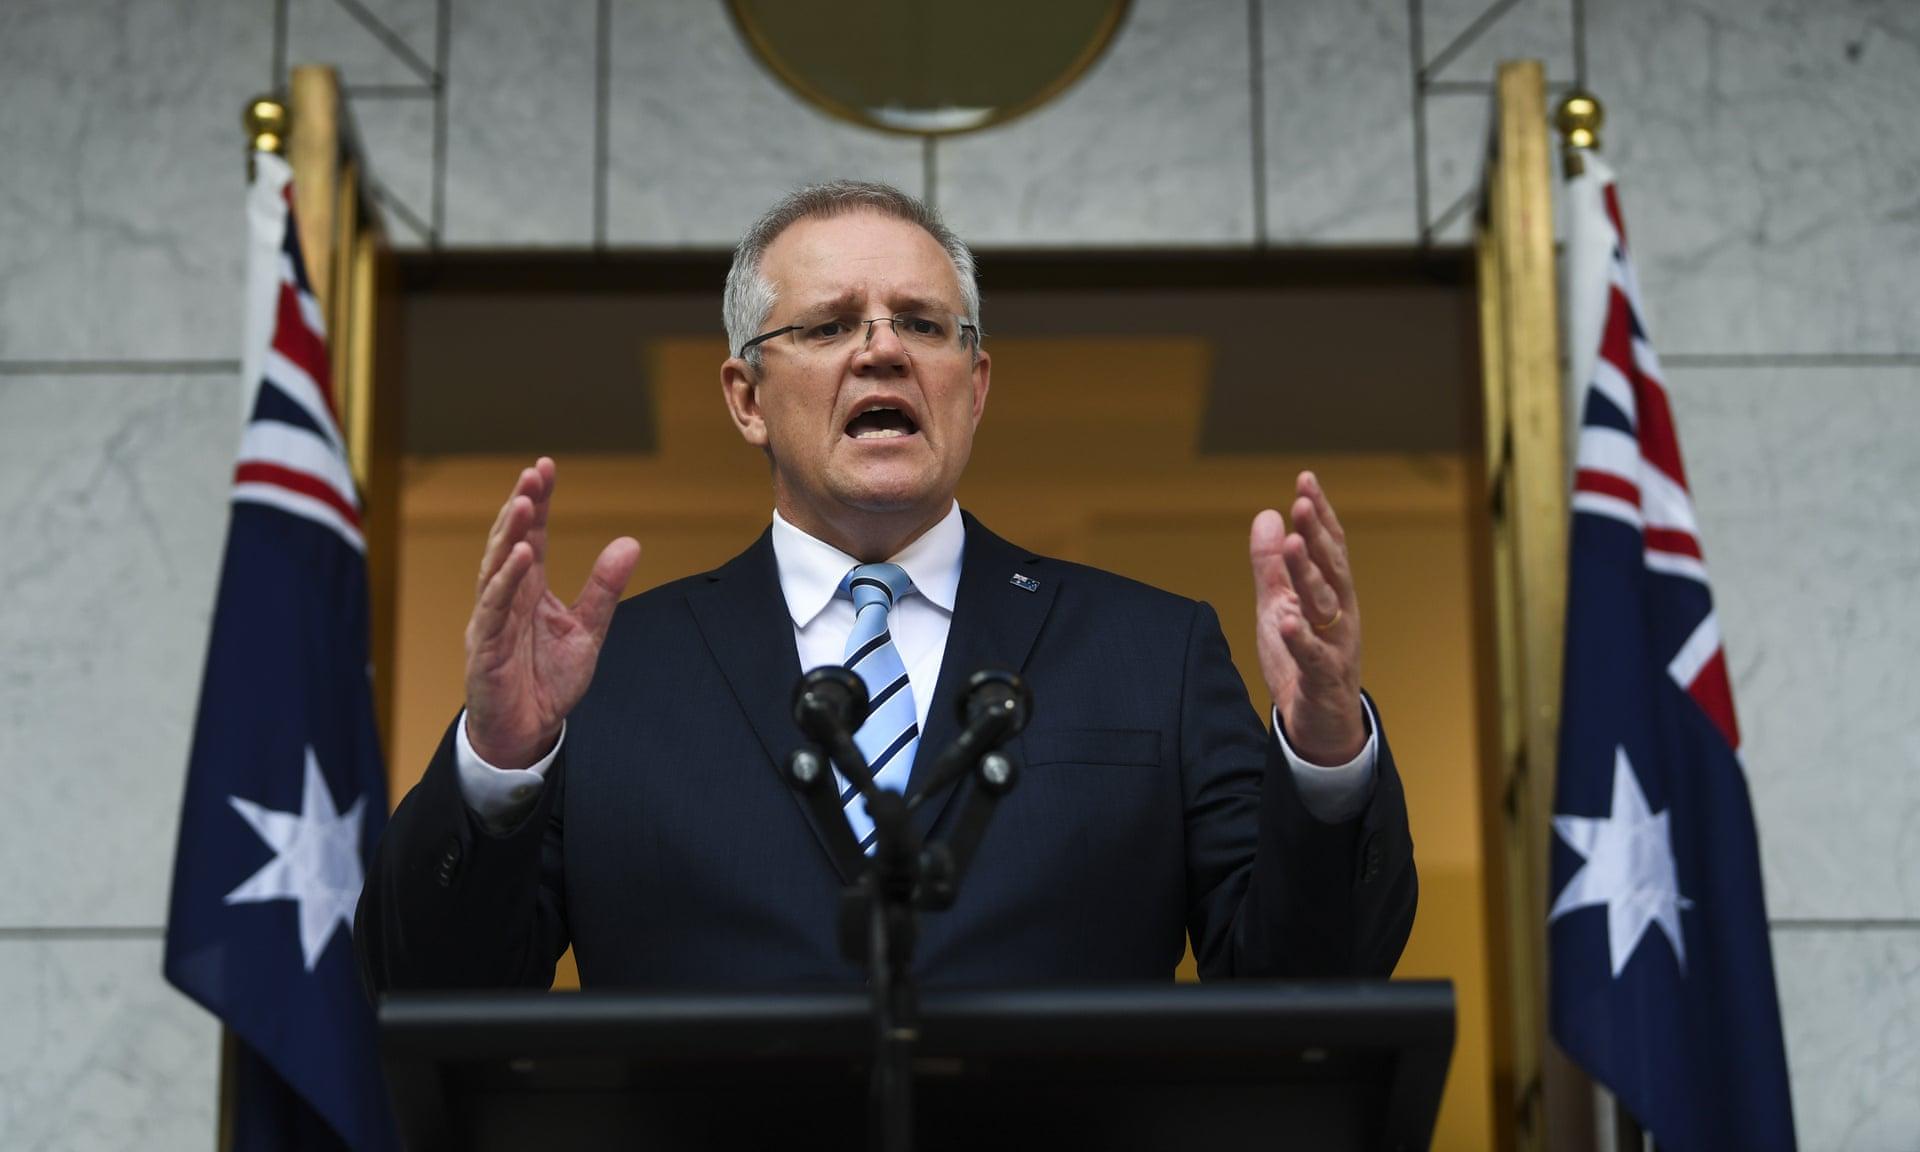 کابینه جدید استرالیا/ داتون دوباره وزیر کشور شد اما کنترلی بر امور مهاجرتی ندارد